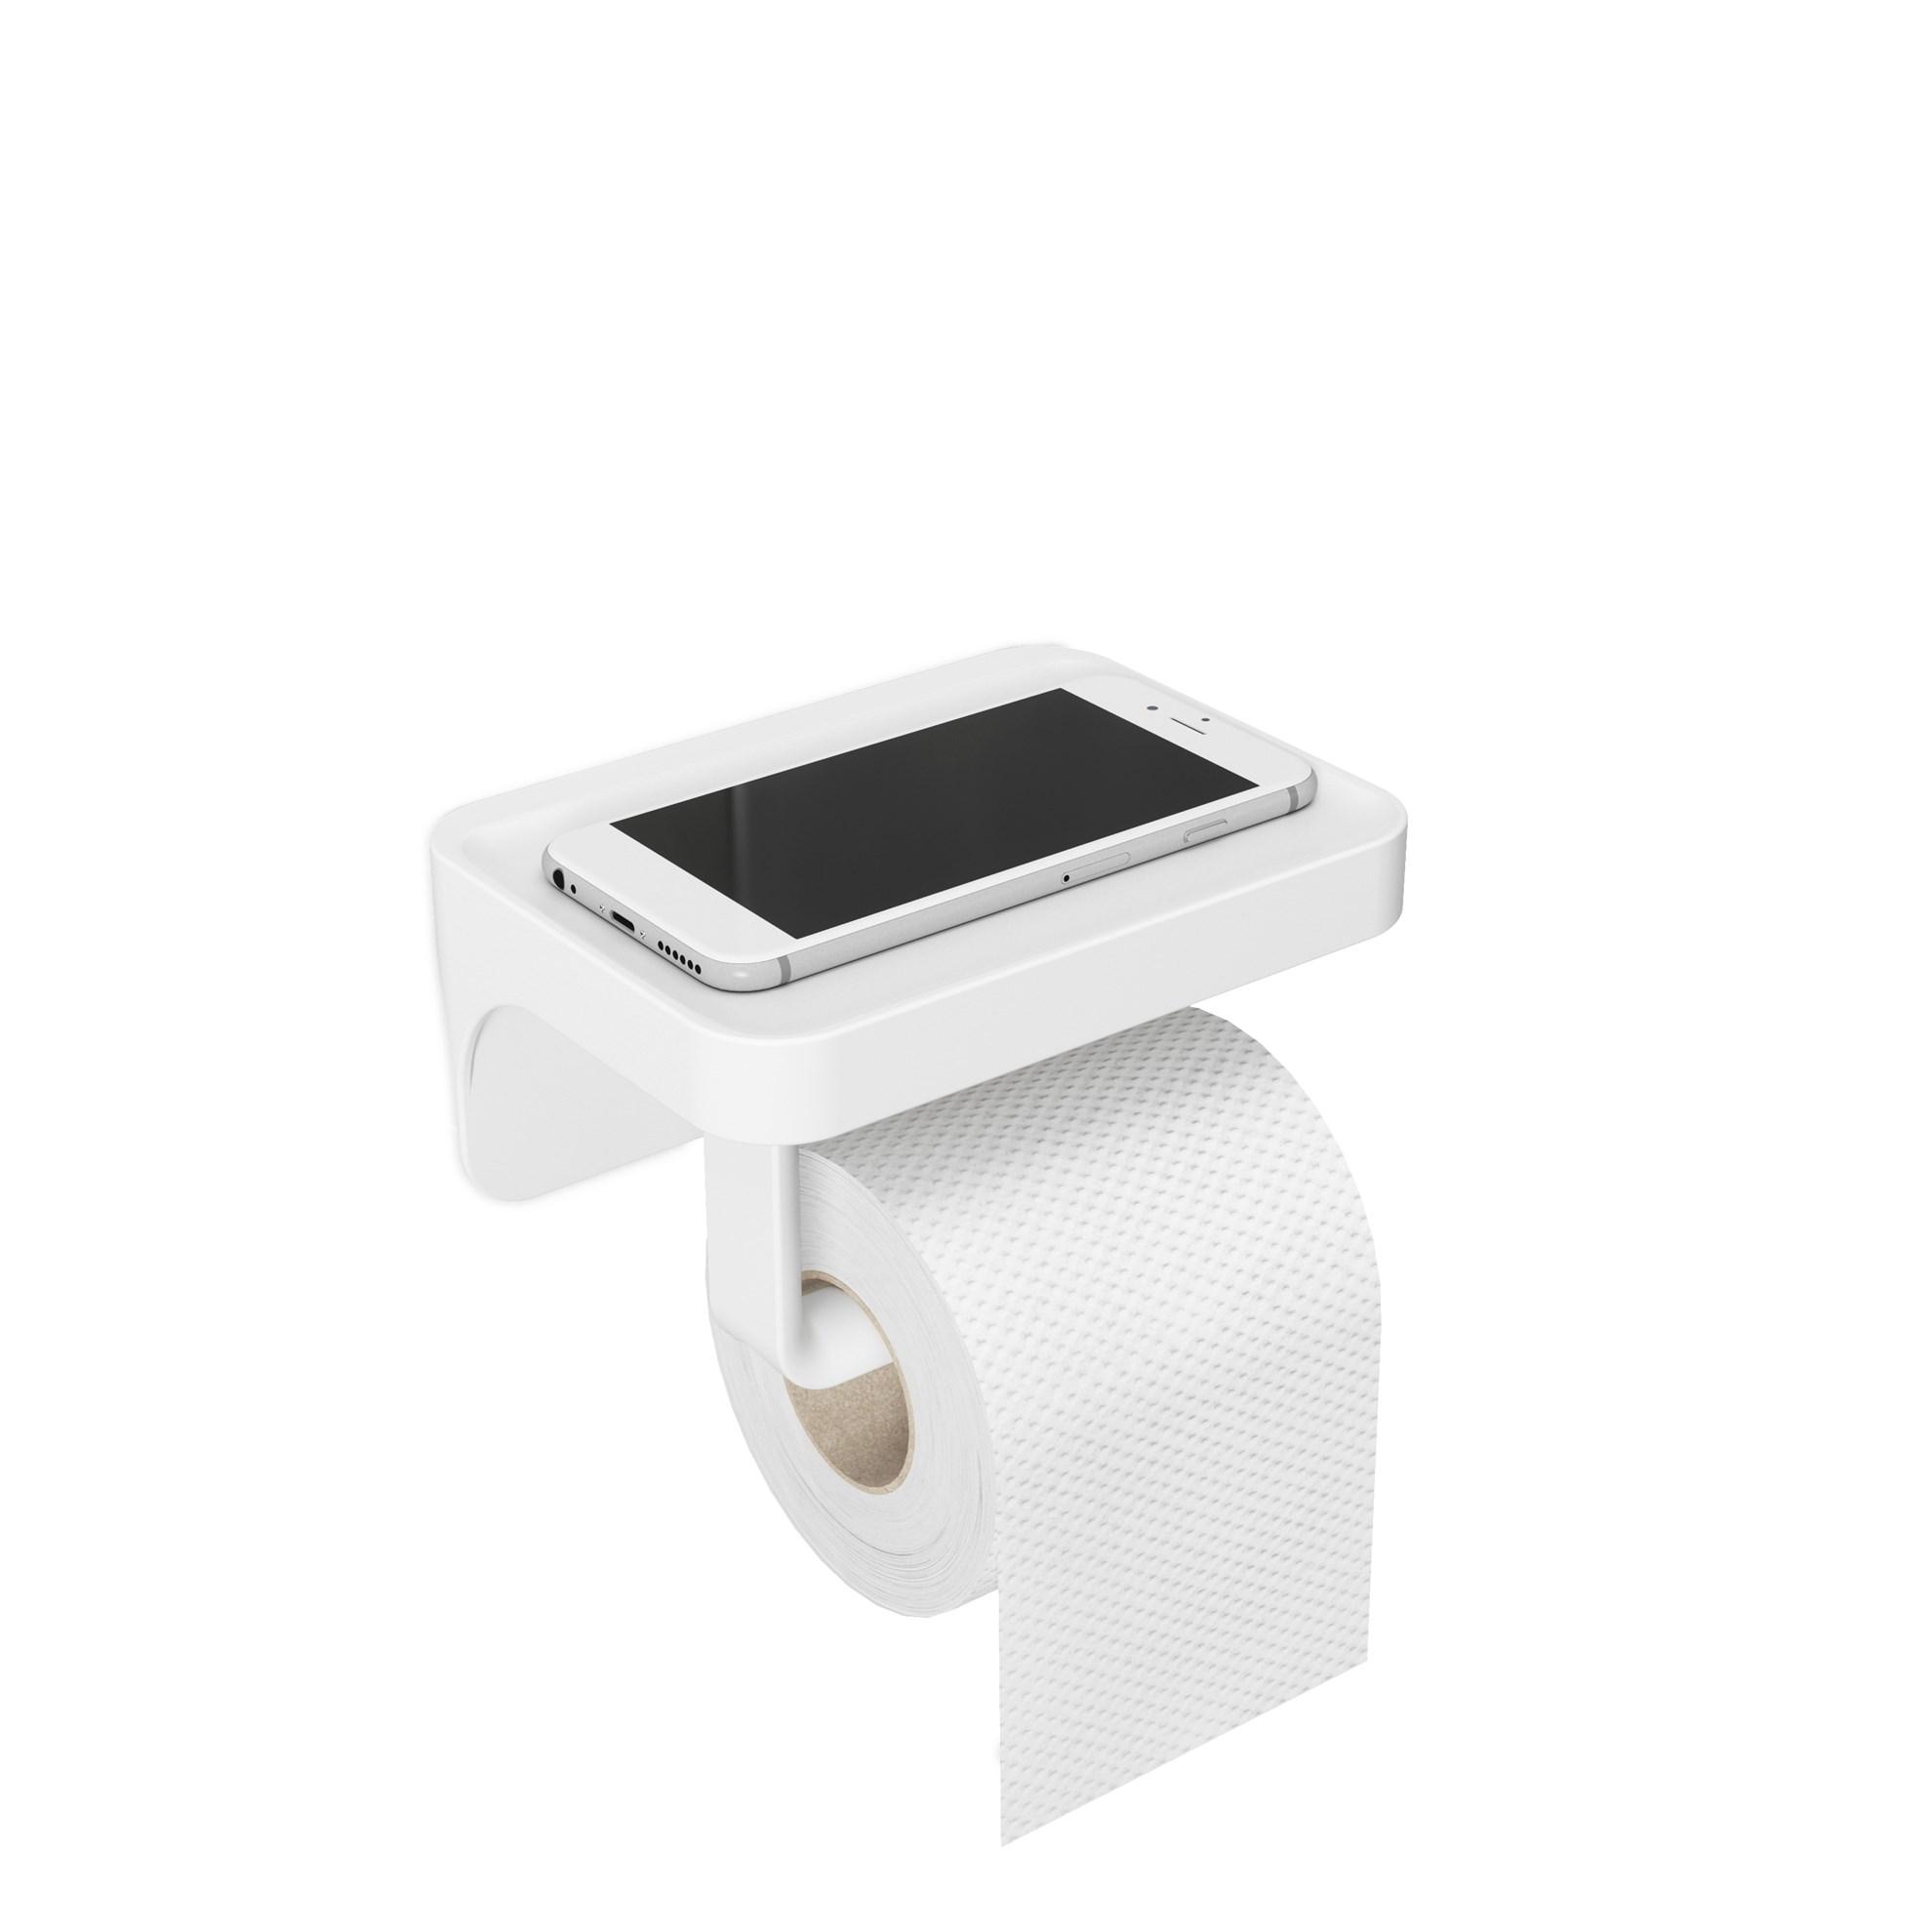 Držák na toaletní papír FLEX bílý_4